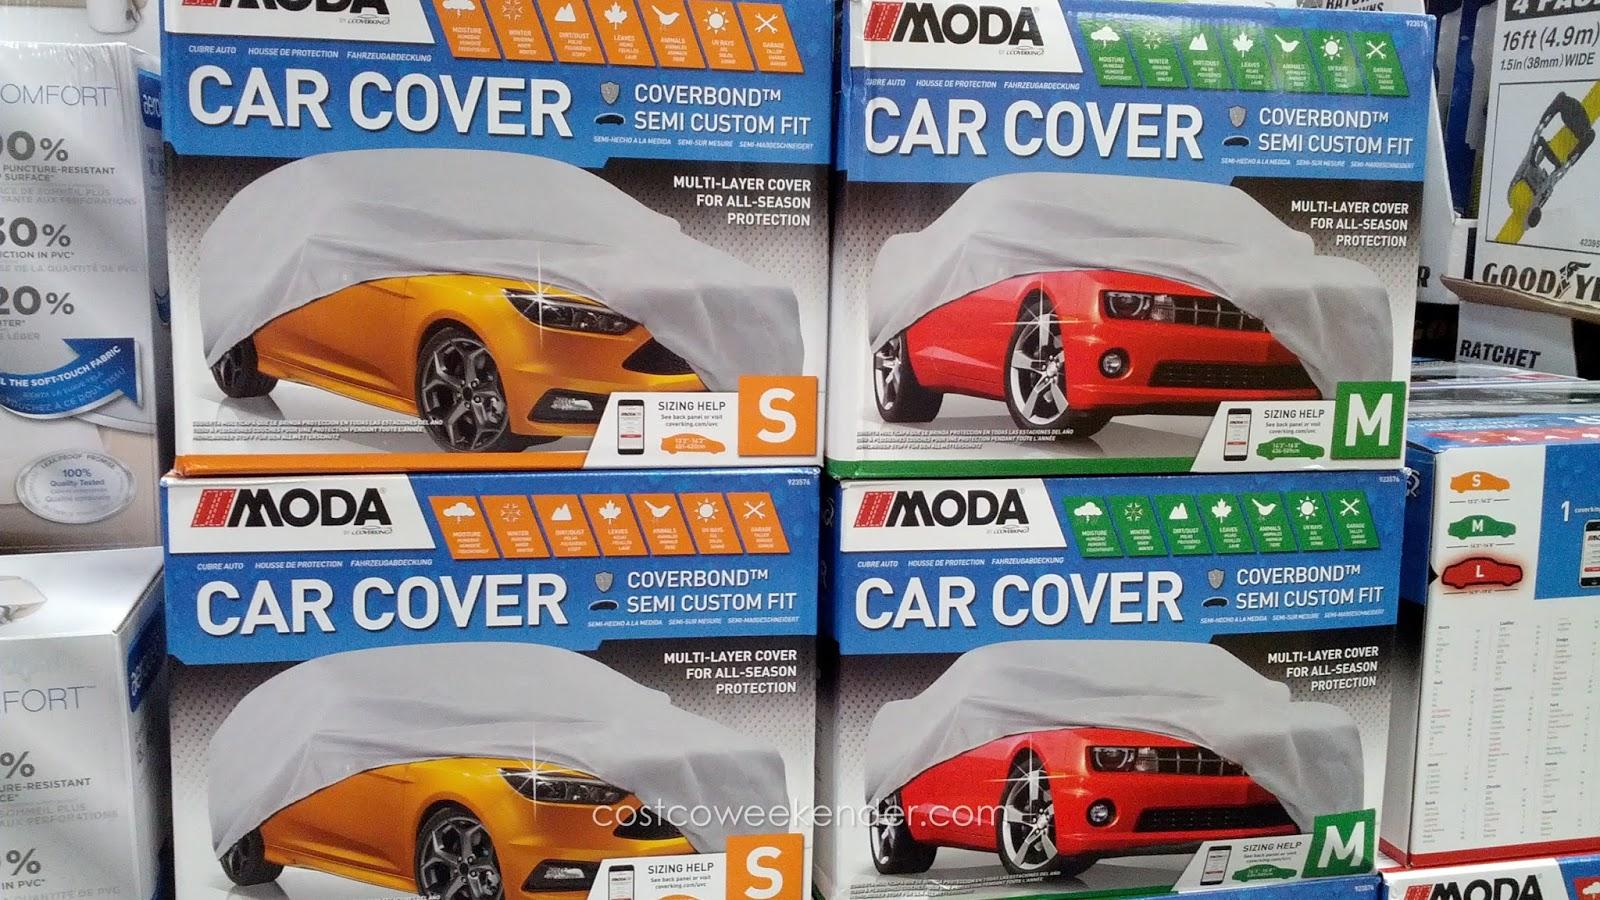 Moda Car Cover Sizes